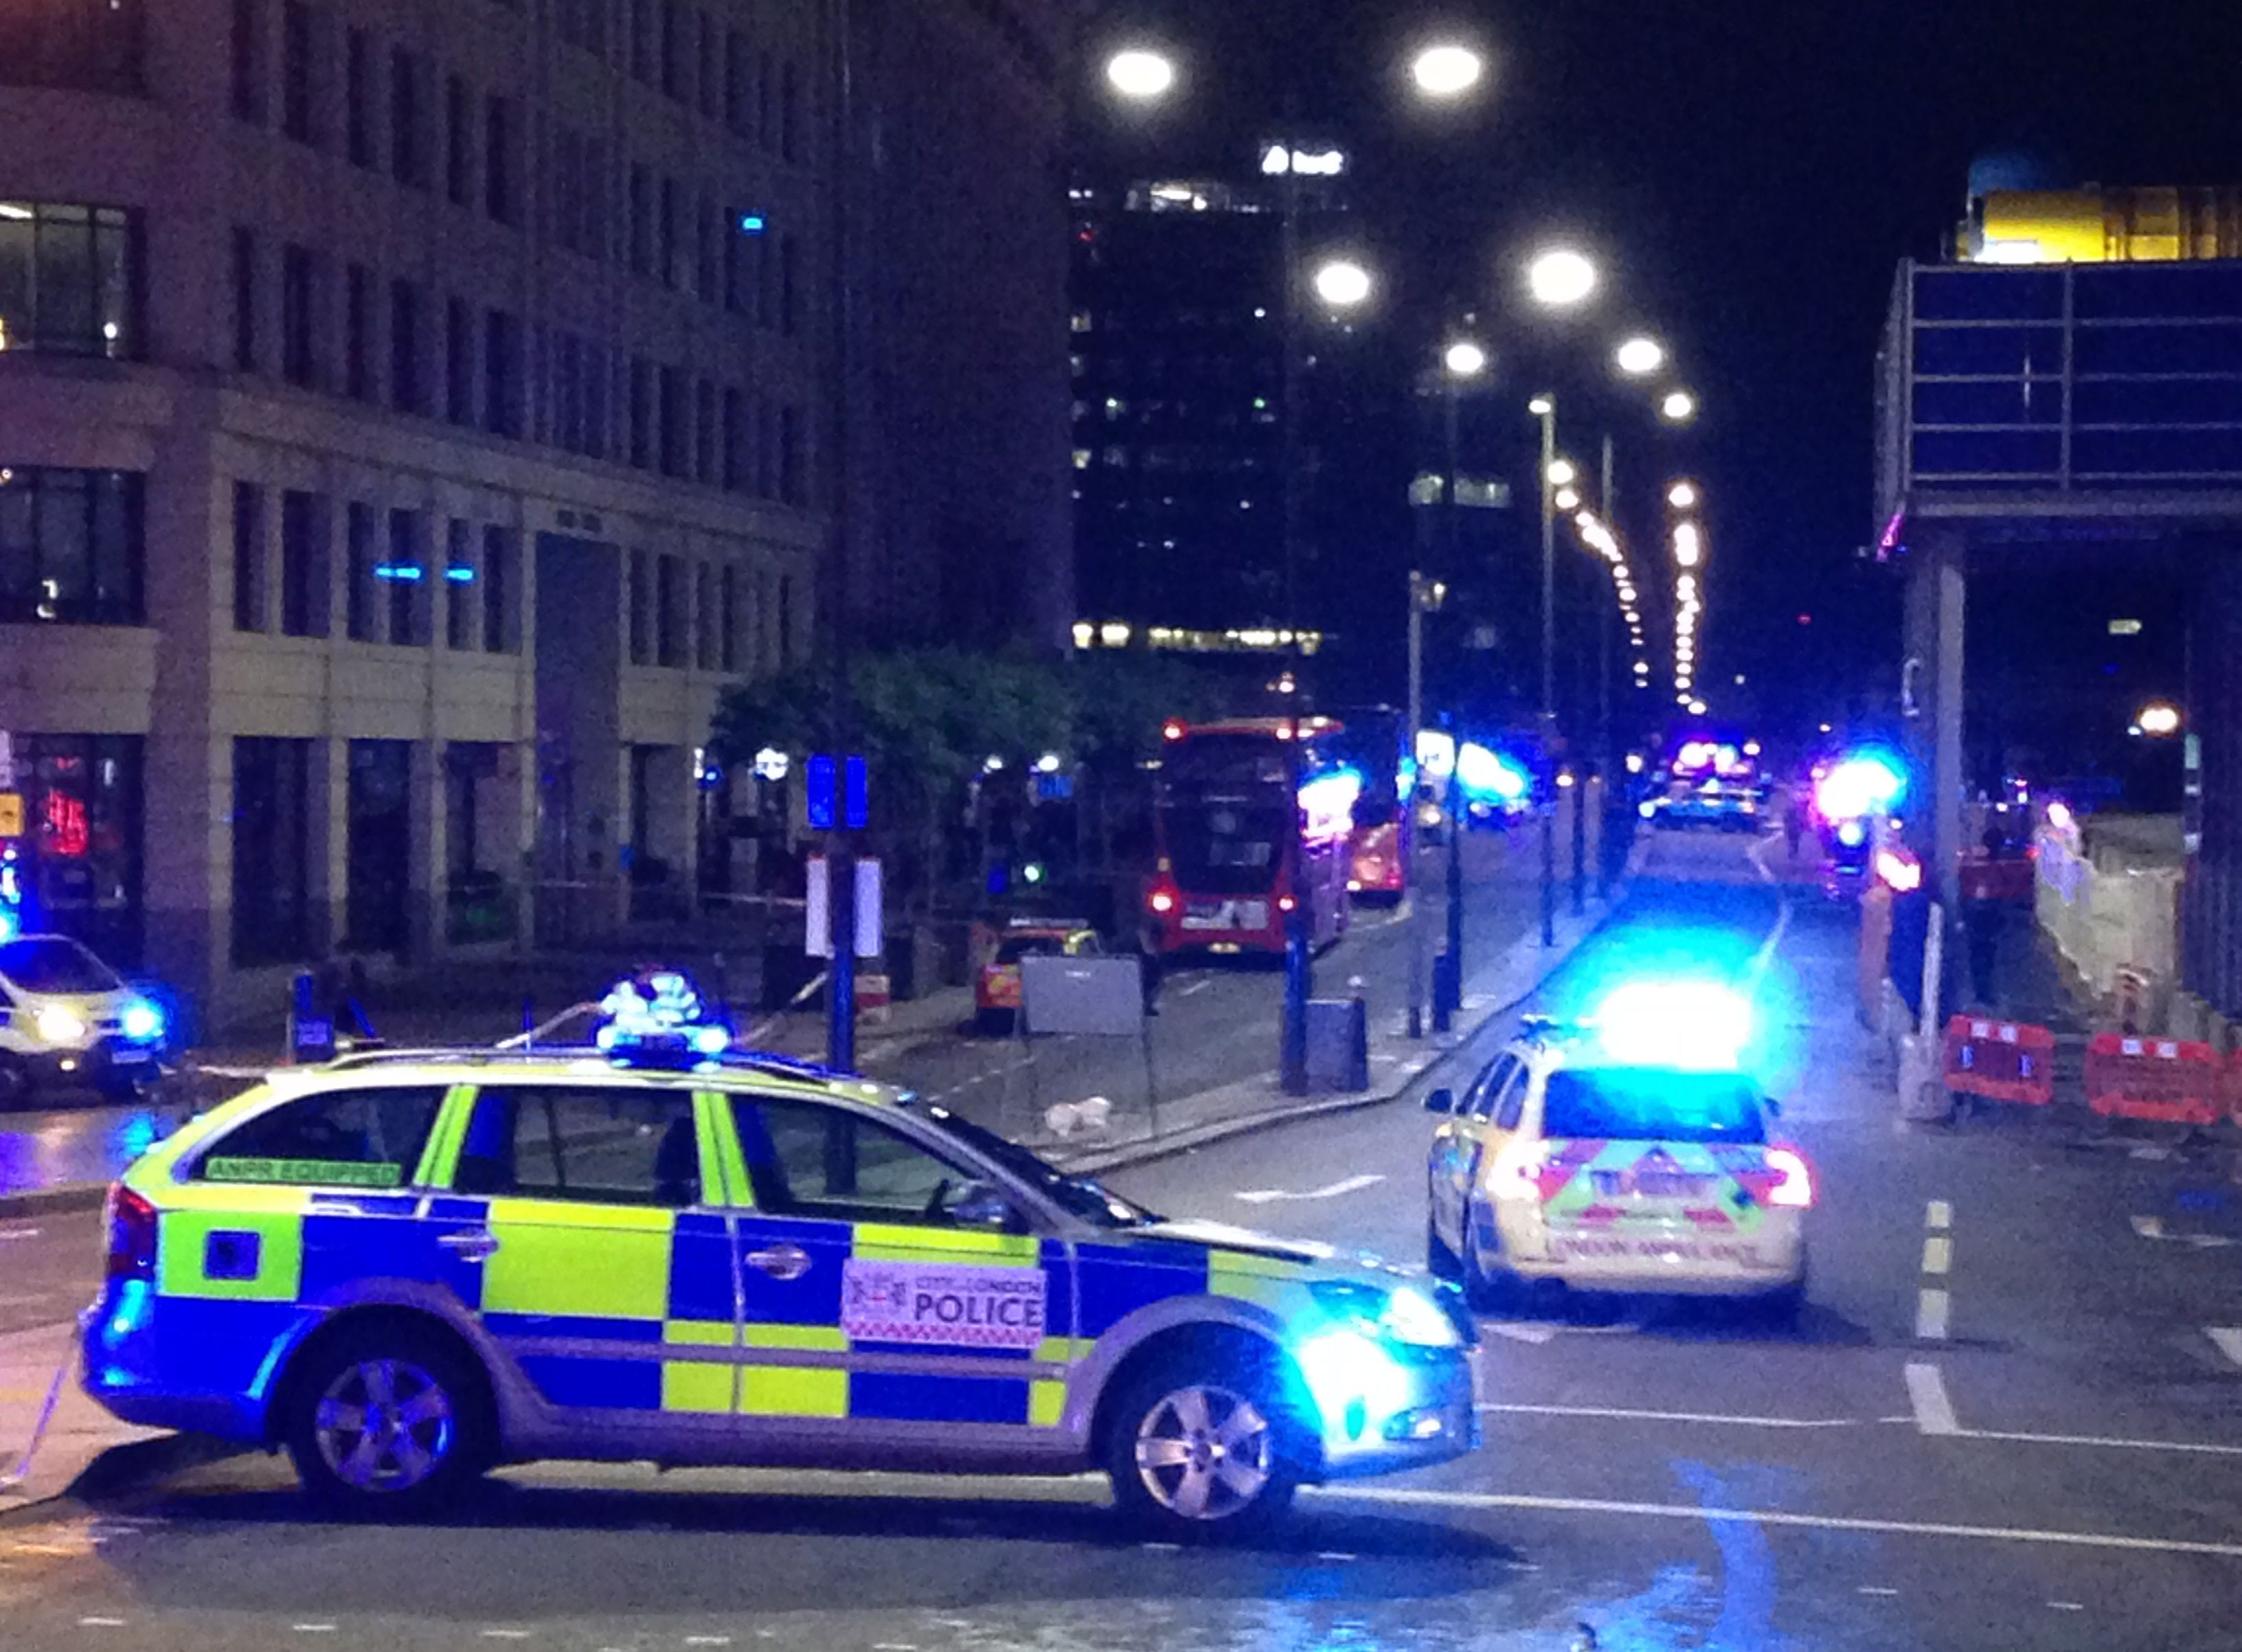 Doze detidos em Londres na investigação do atentado de sábado